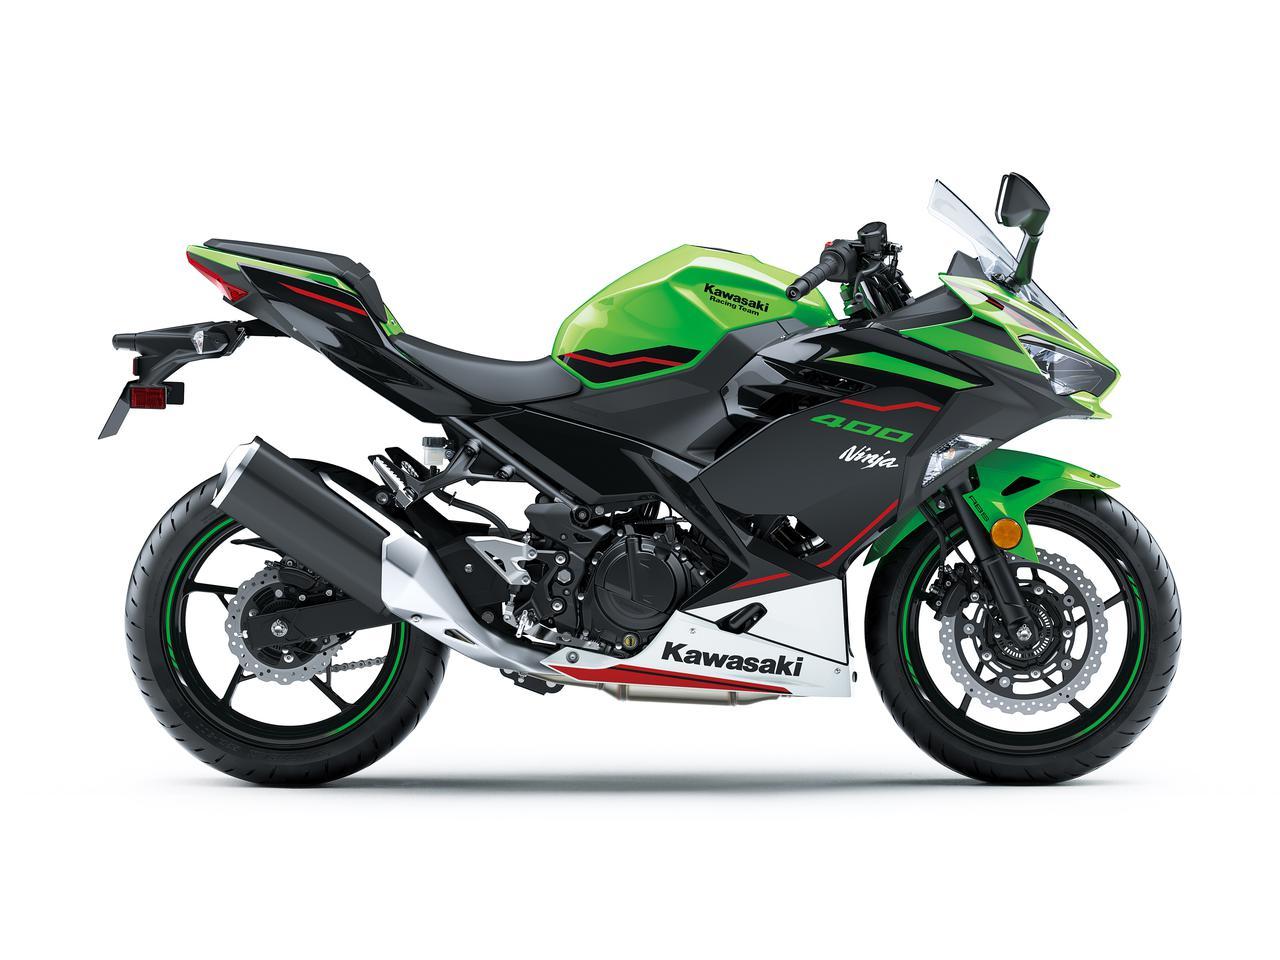 画像3: カワサキ「Ninja400」の2022年モデルは新色をまとってイメージチェンジ! KRTエディションは従来のカラーで継続販売